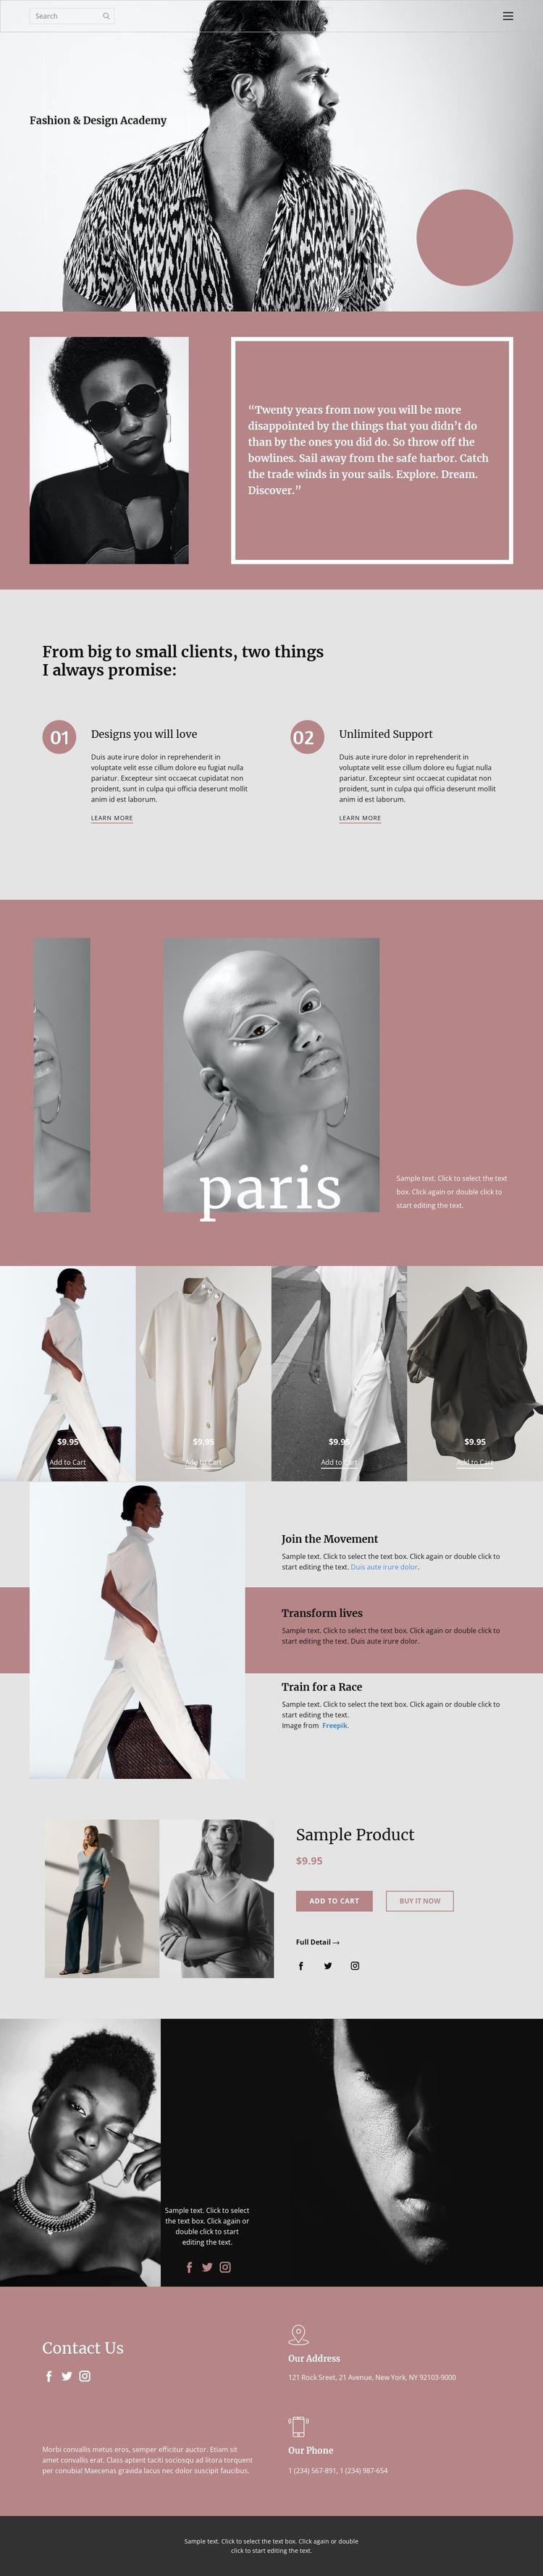 Fashion studio Website Builder Software